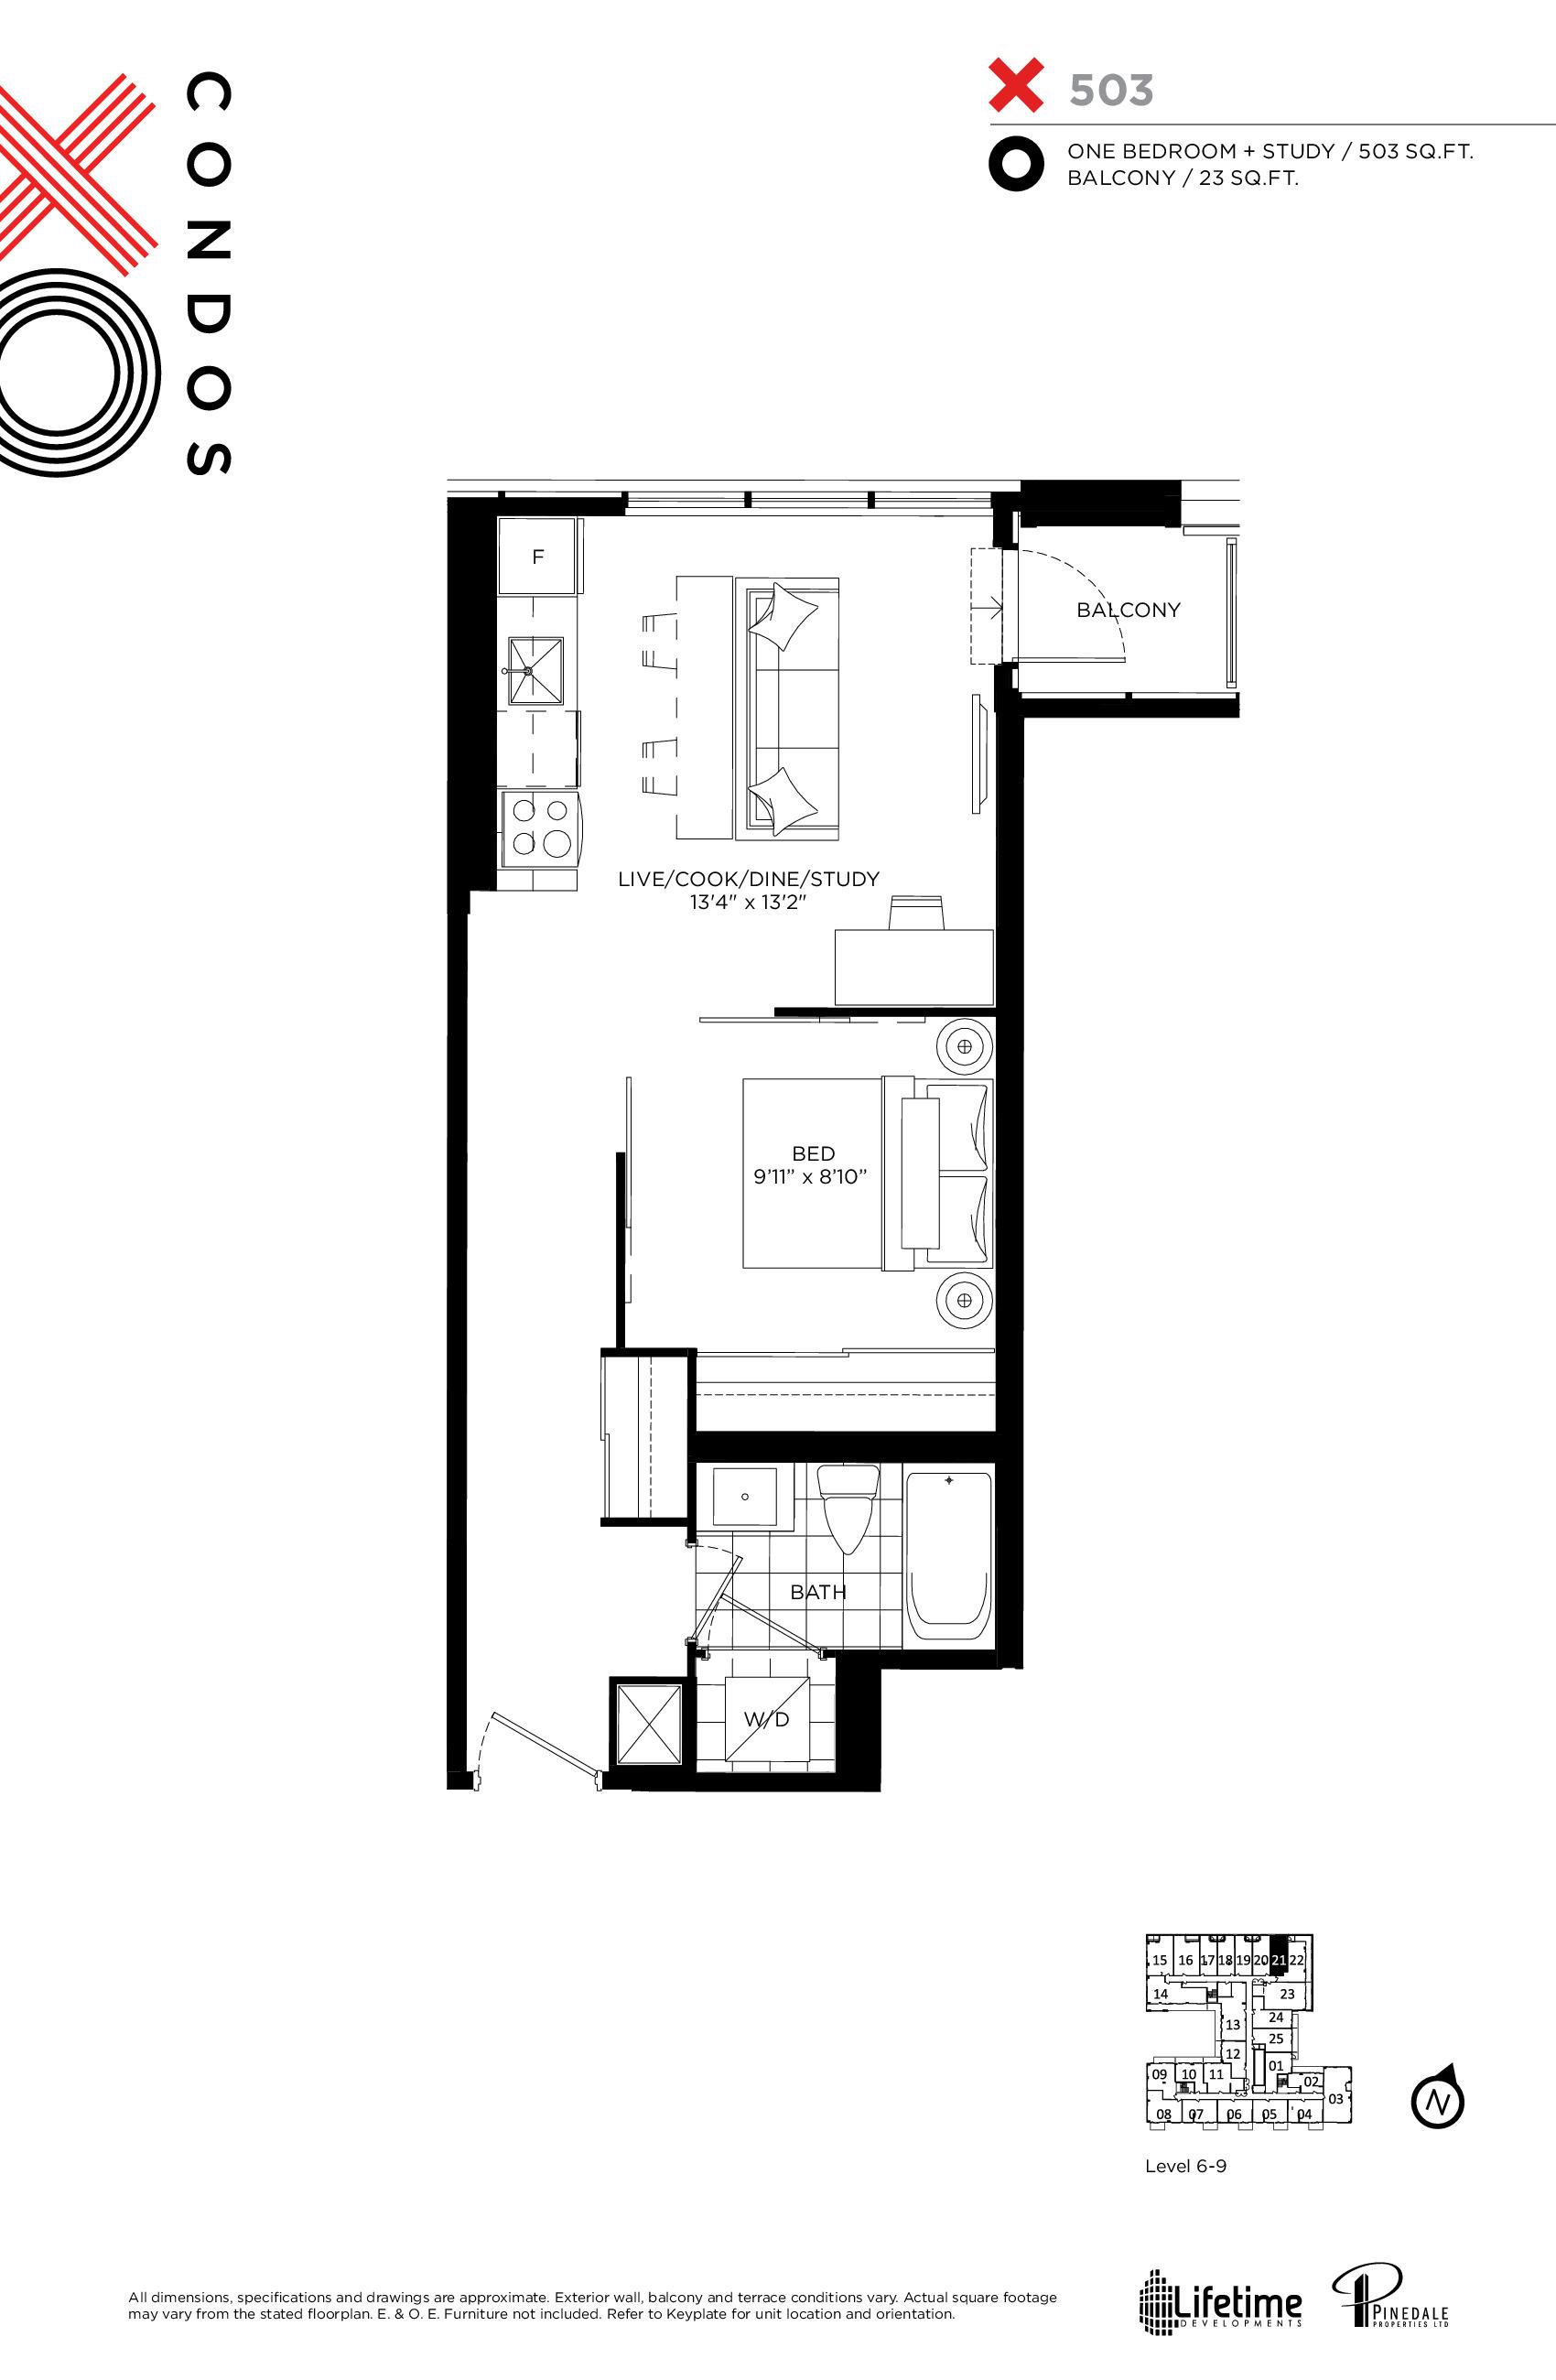 503 Floor Plan at XO Condos - 503 sq.ft